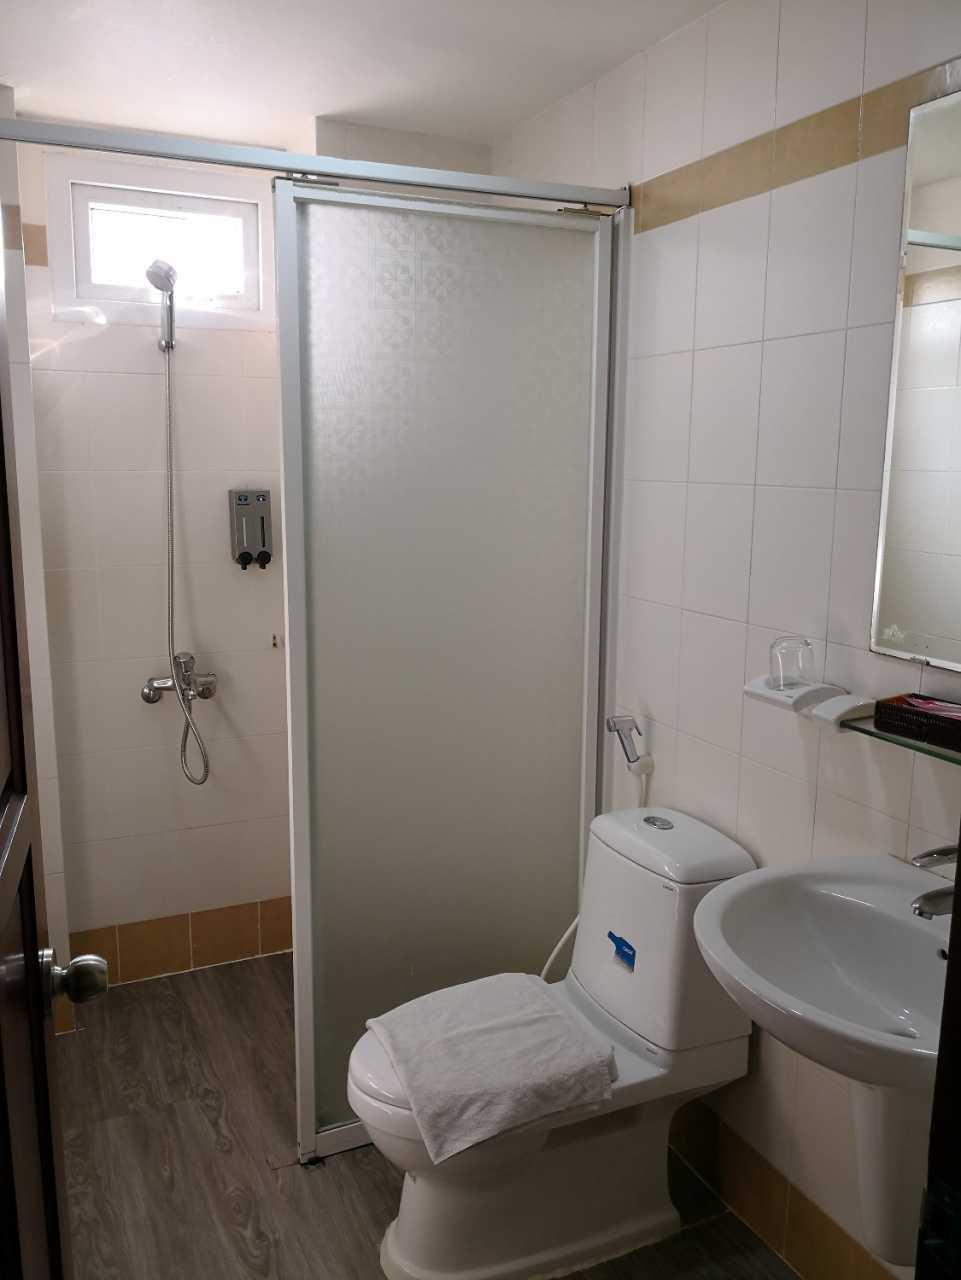 厕所地上用错材质,洗澡后地上会积水。